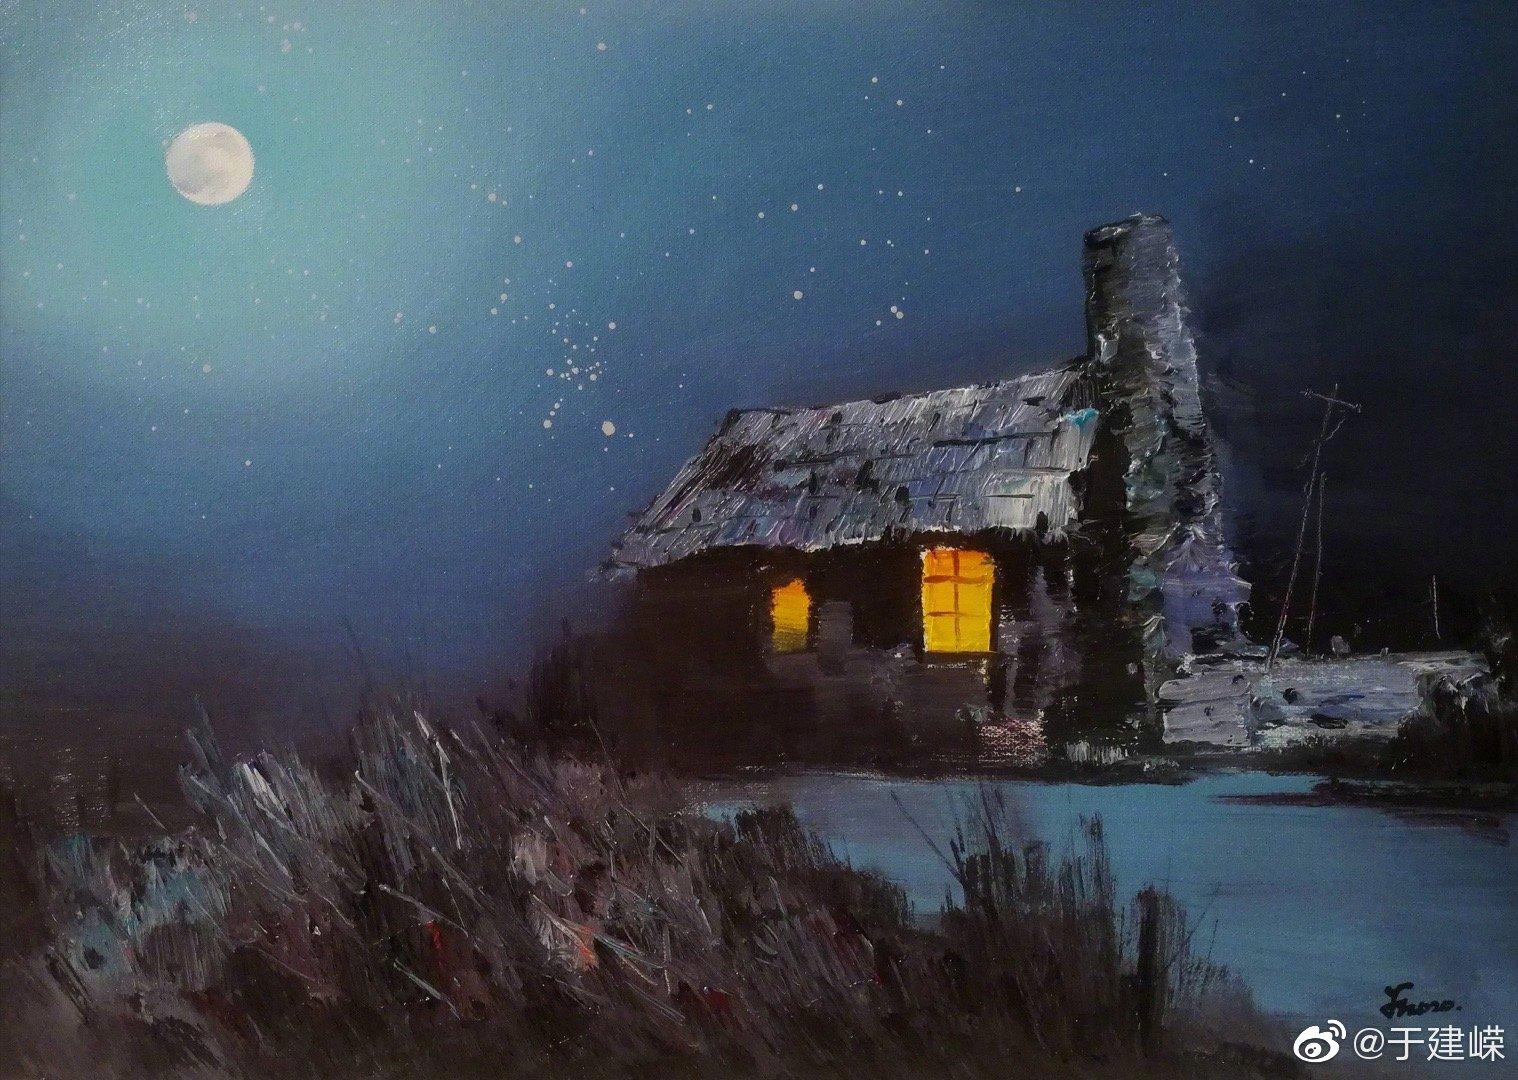 薛金拥油画作品—《月是故乡明》,构图,意境、色彩,均为上品。